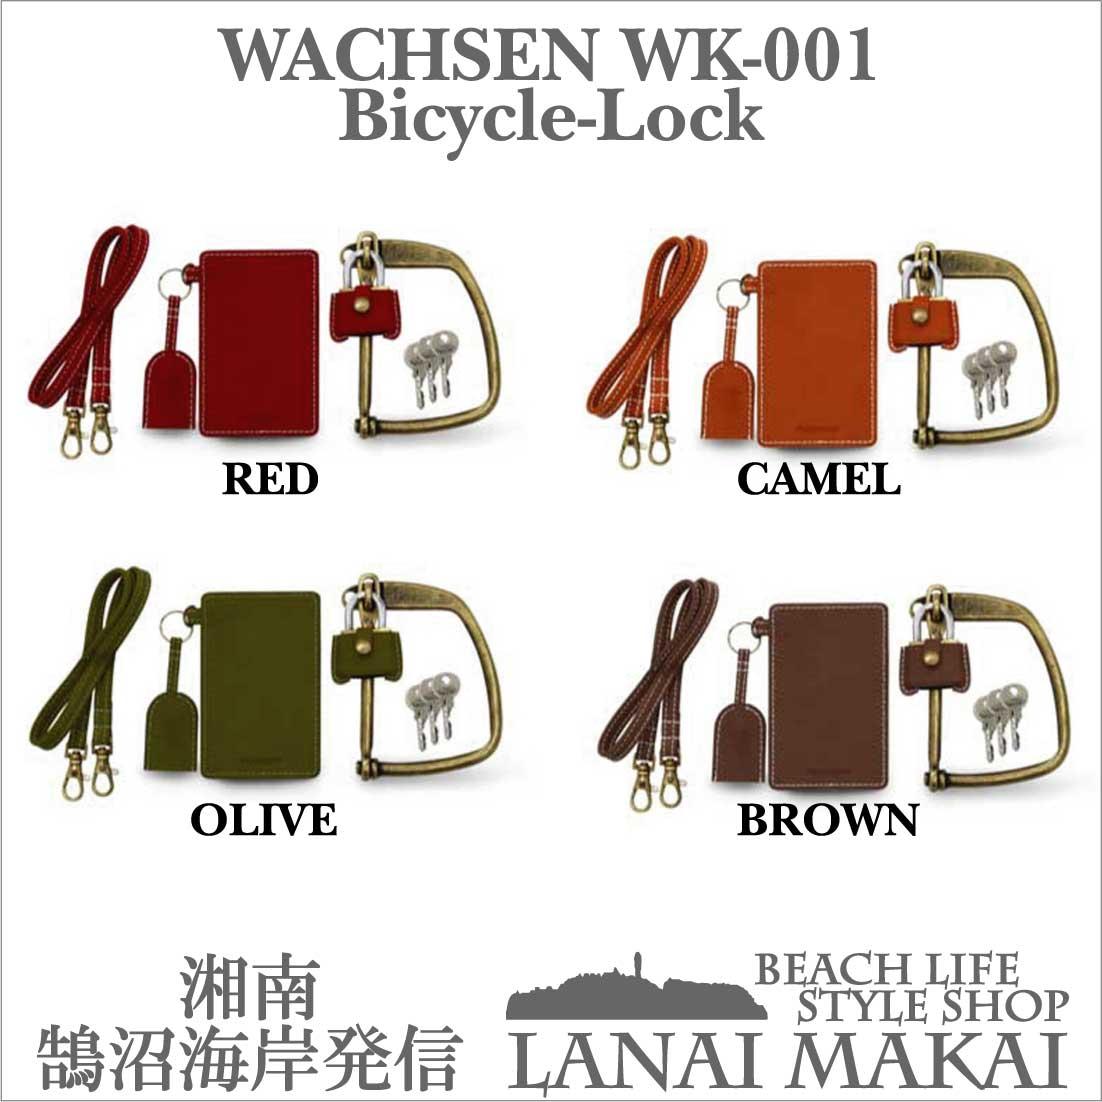 """【WACHSEN サイクルロック】WK-001 """"BYCYCLE-LOCK""""""""湘南鵠沼海岸発信""""自転車 ヴァクセン 人気 おしゃれ 鍵 ロック おすすめ"""